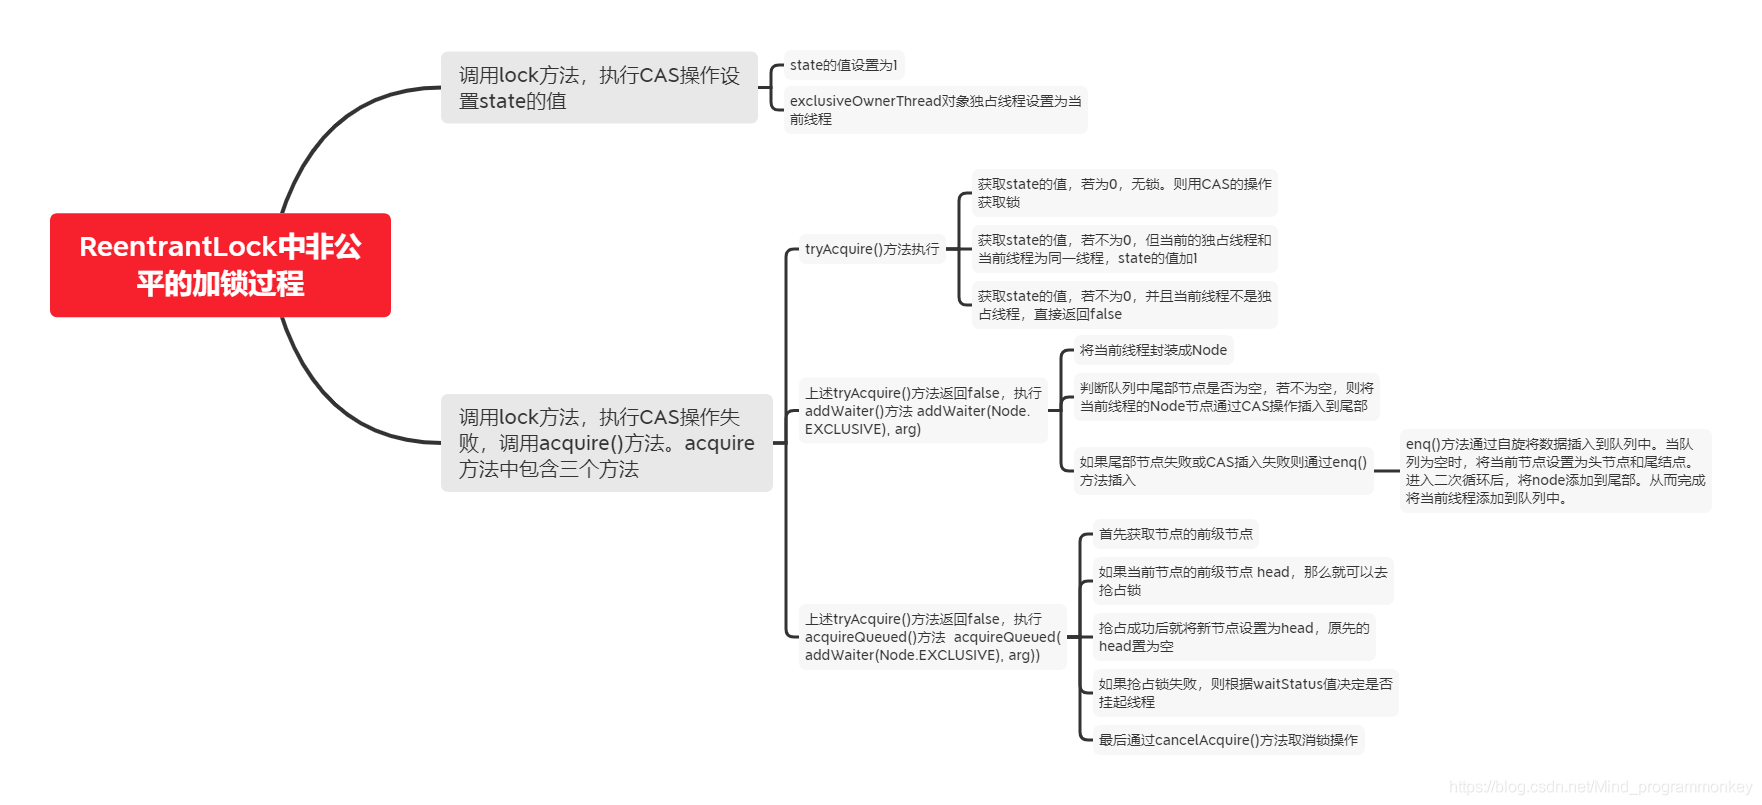 [外链图片转存失败,源站可能有防盗链机制,建议将图片保存下来直接上传(img-QsDwWS7C-1608212185802)(D:\software\typora\workplace\imgs_cas\ReentrantLock中非公平的加锁过程.png)]